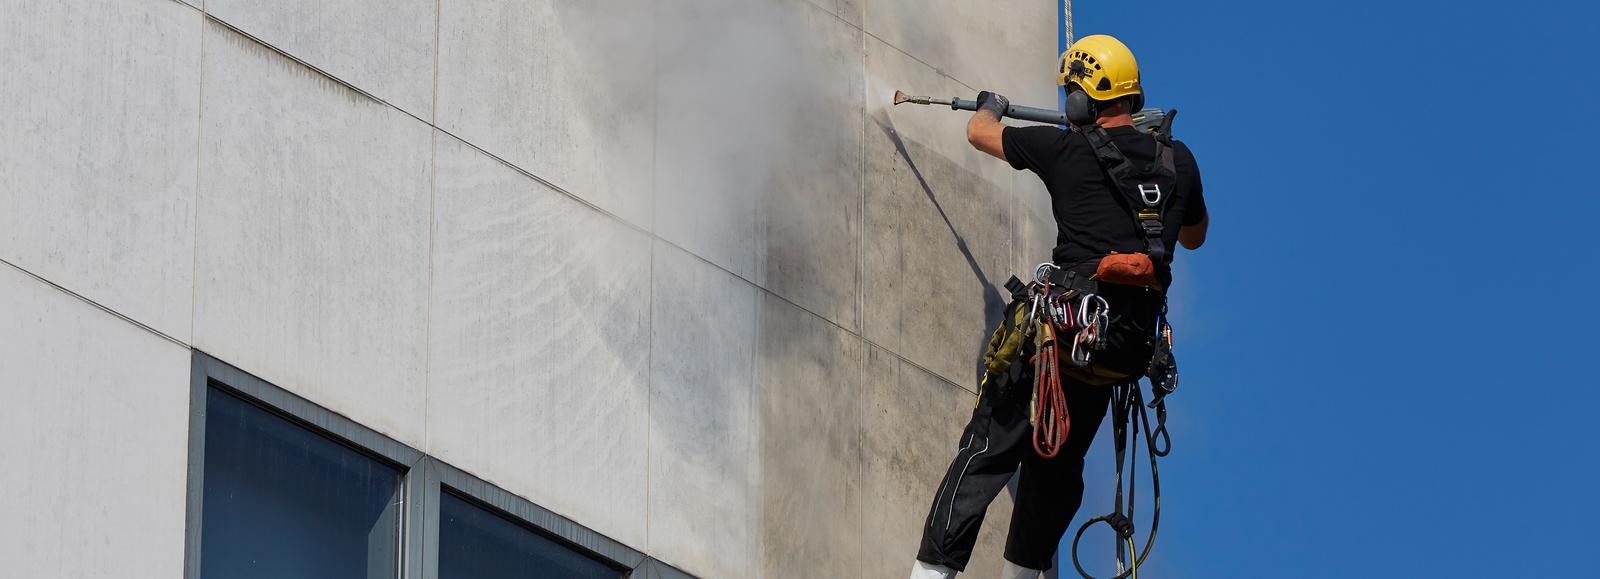 чистка атмосферных загрязнений с фасада аппаратом высокого давления